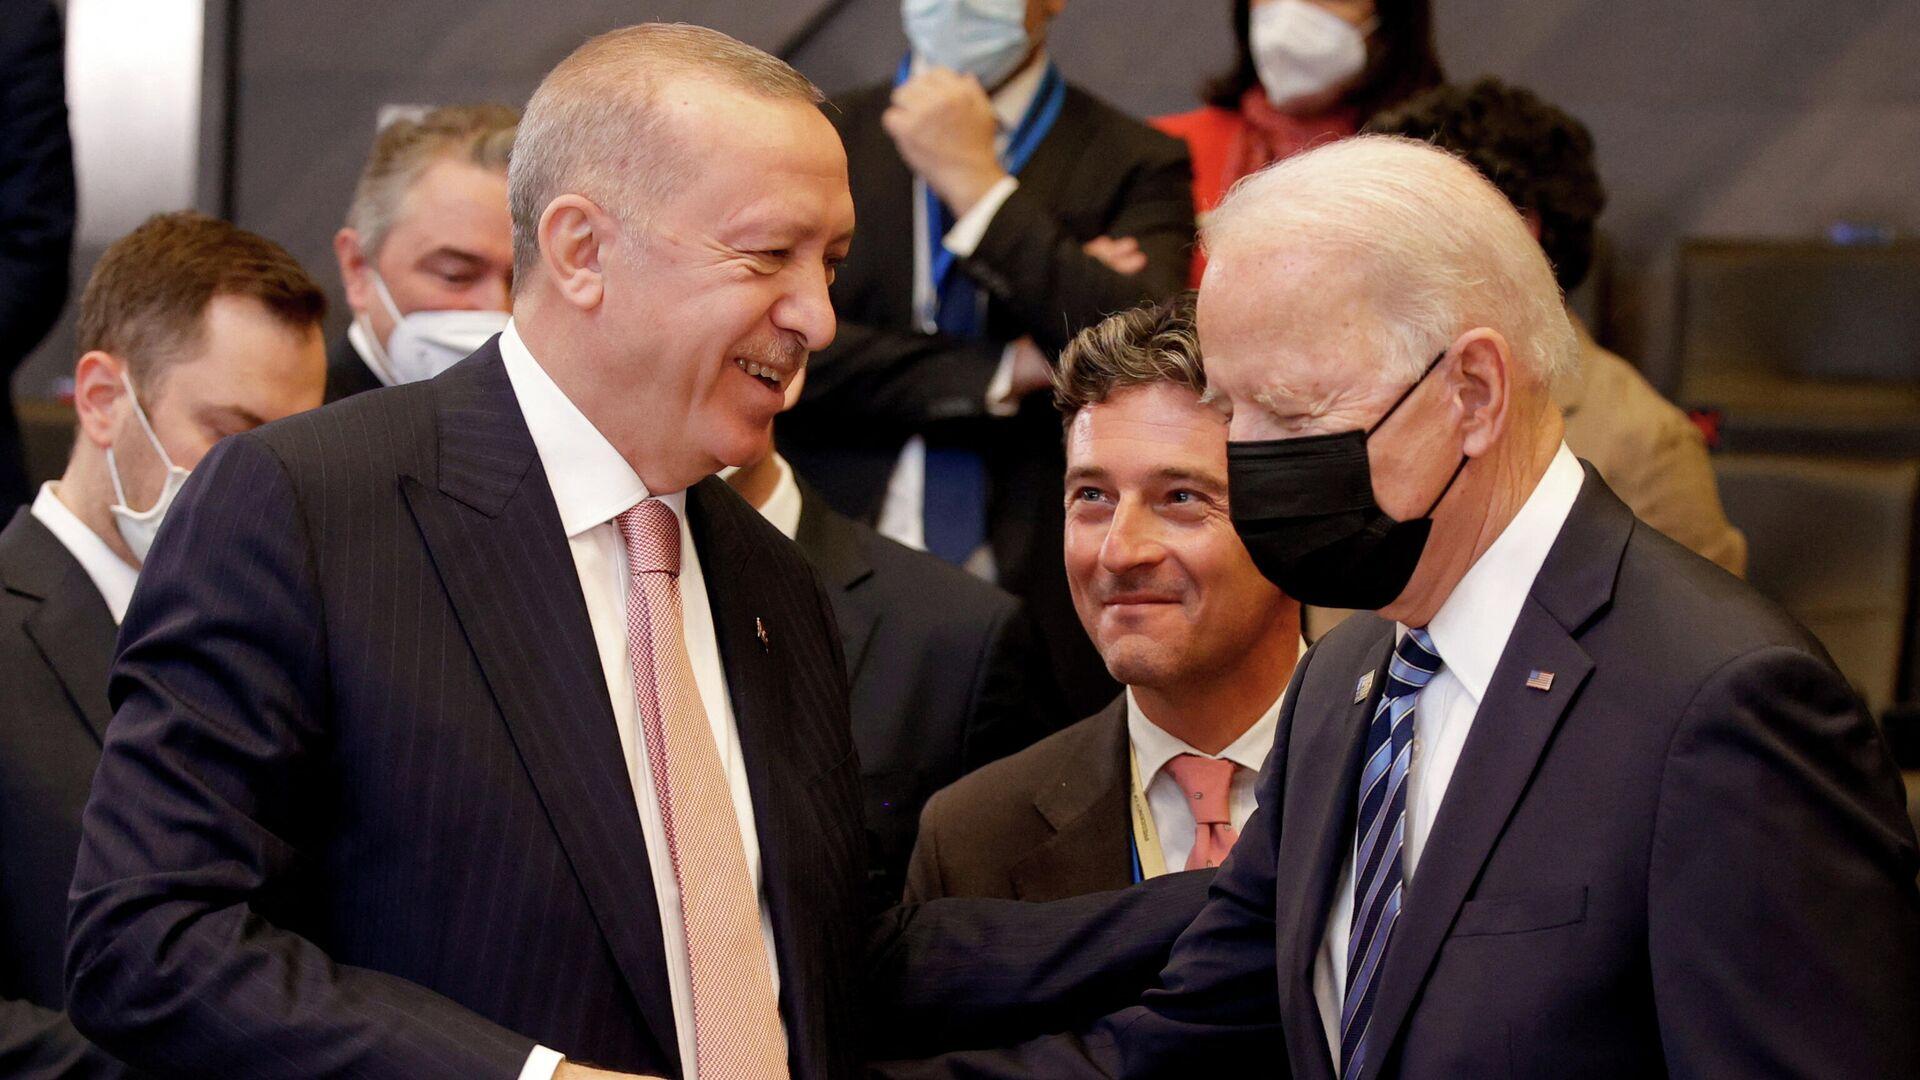 Президент США Джо Байден с Президентом Турции Реджепом Тайипом Эрдоганом - Sputnik Азербайджан, 1920, 12.10.2021